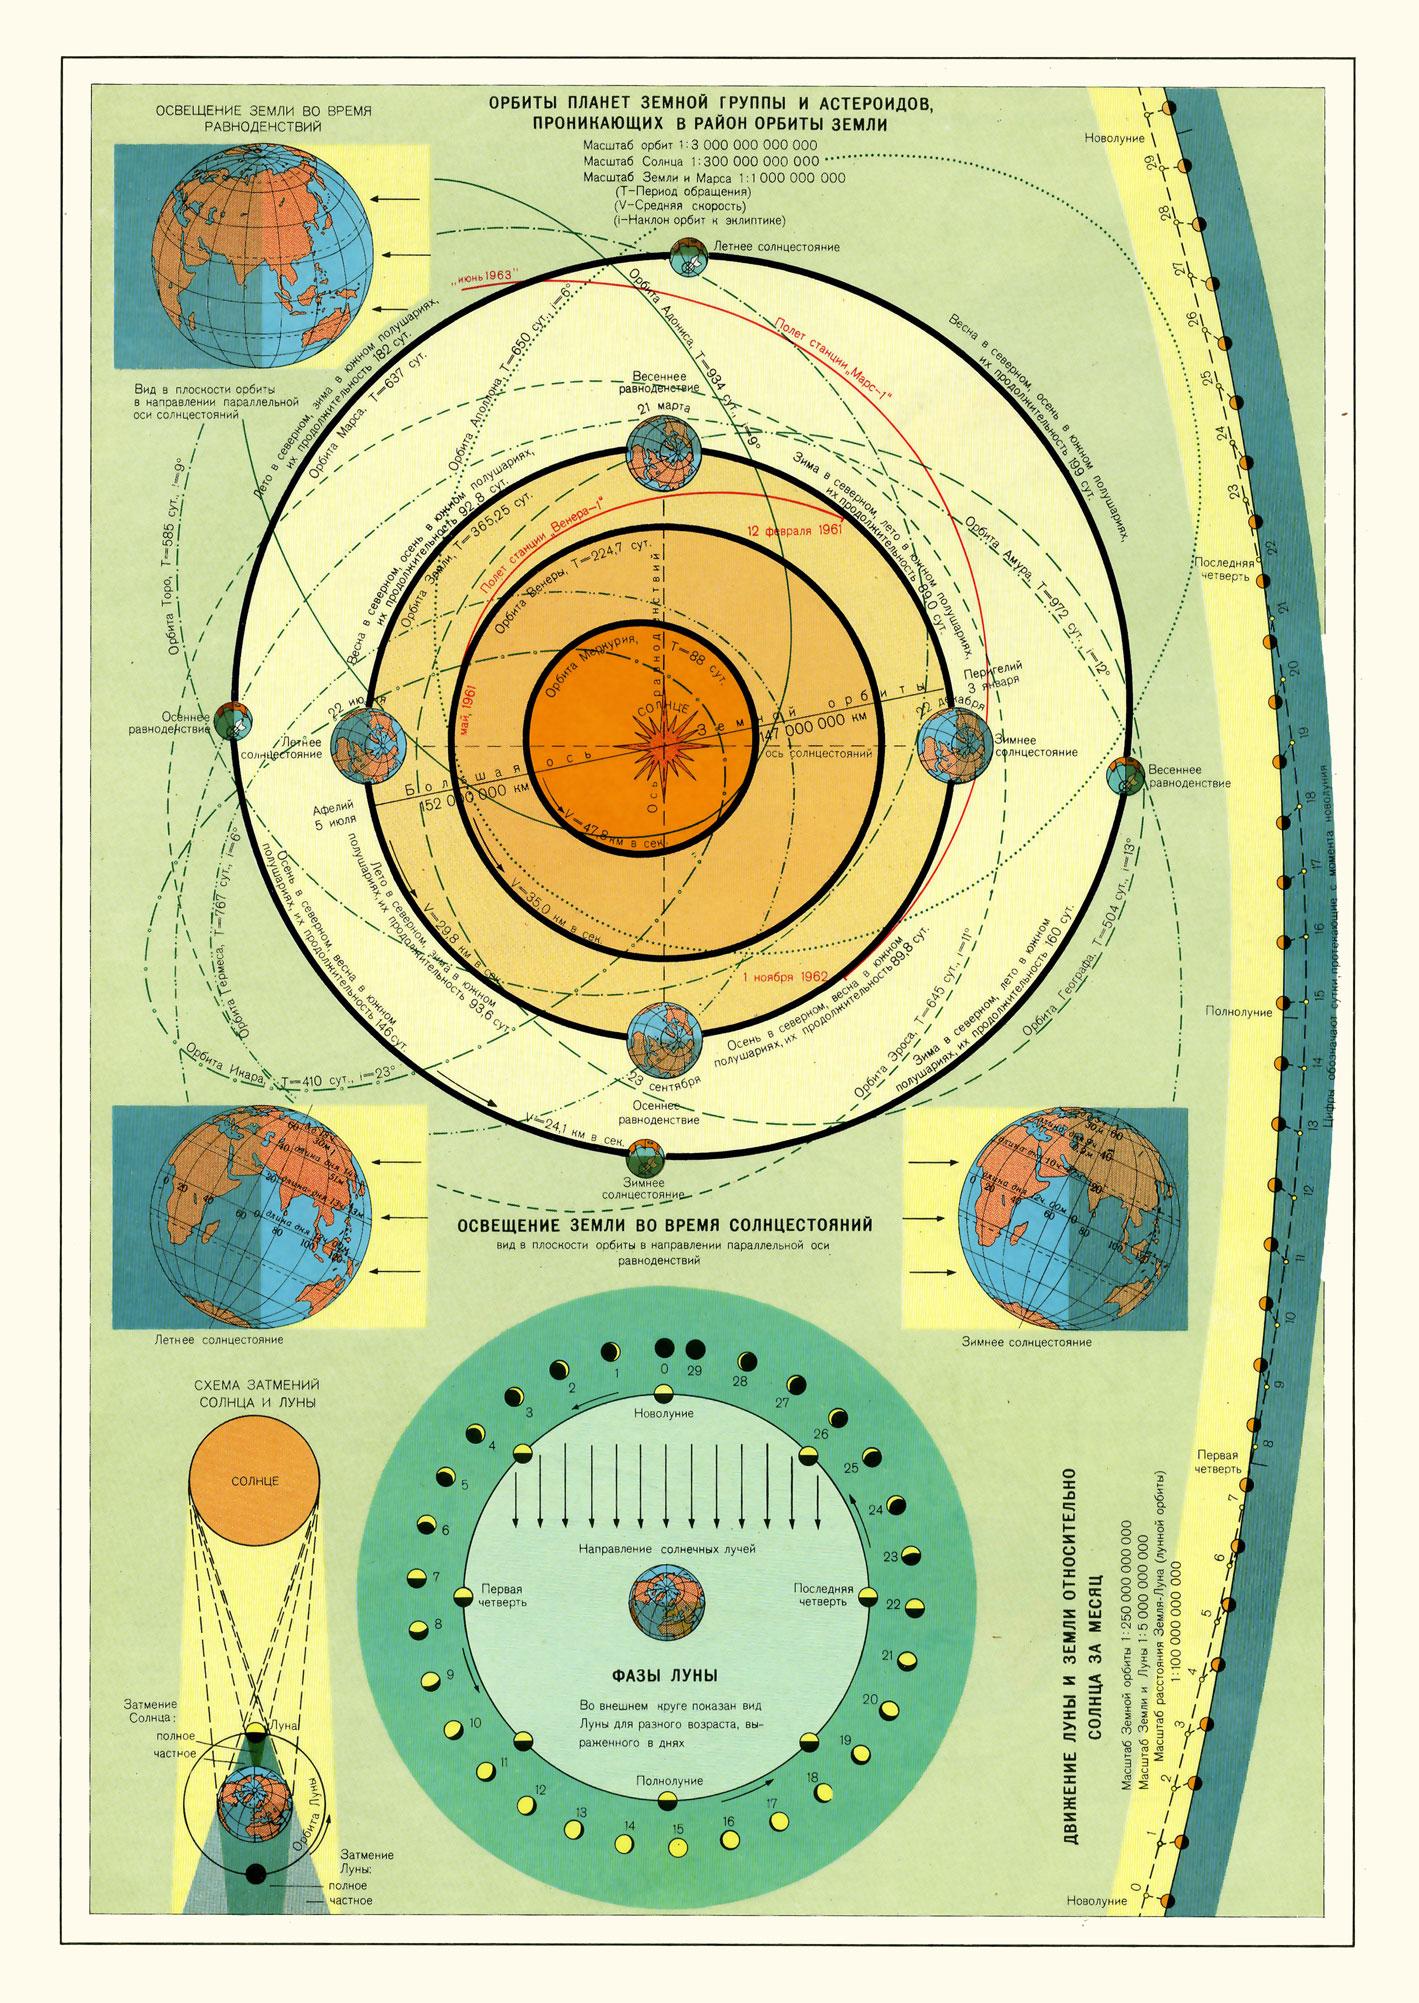 Орбиты планет земной группы. Времена года на земле. Движение и фазы луны